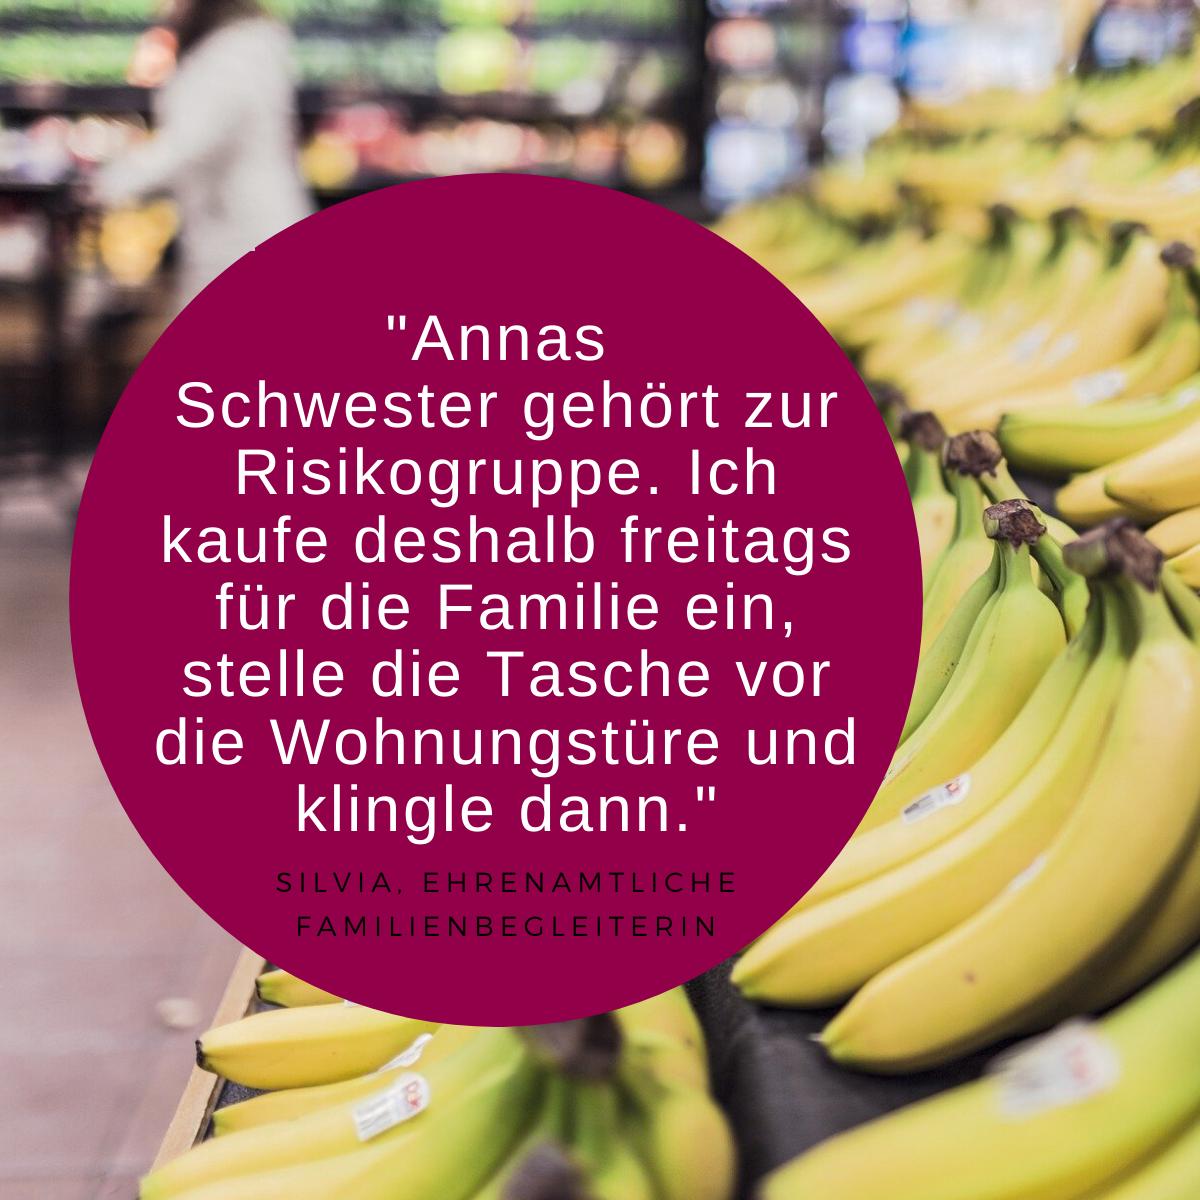 Zitat Ehrenamt und Bild Bananen